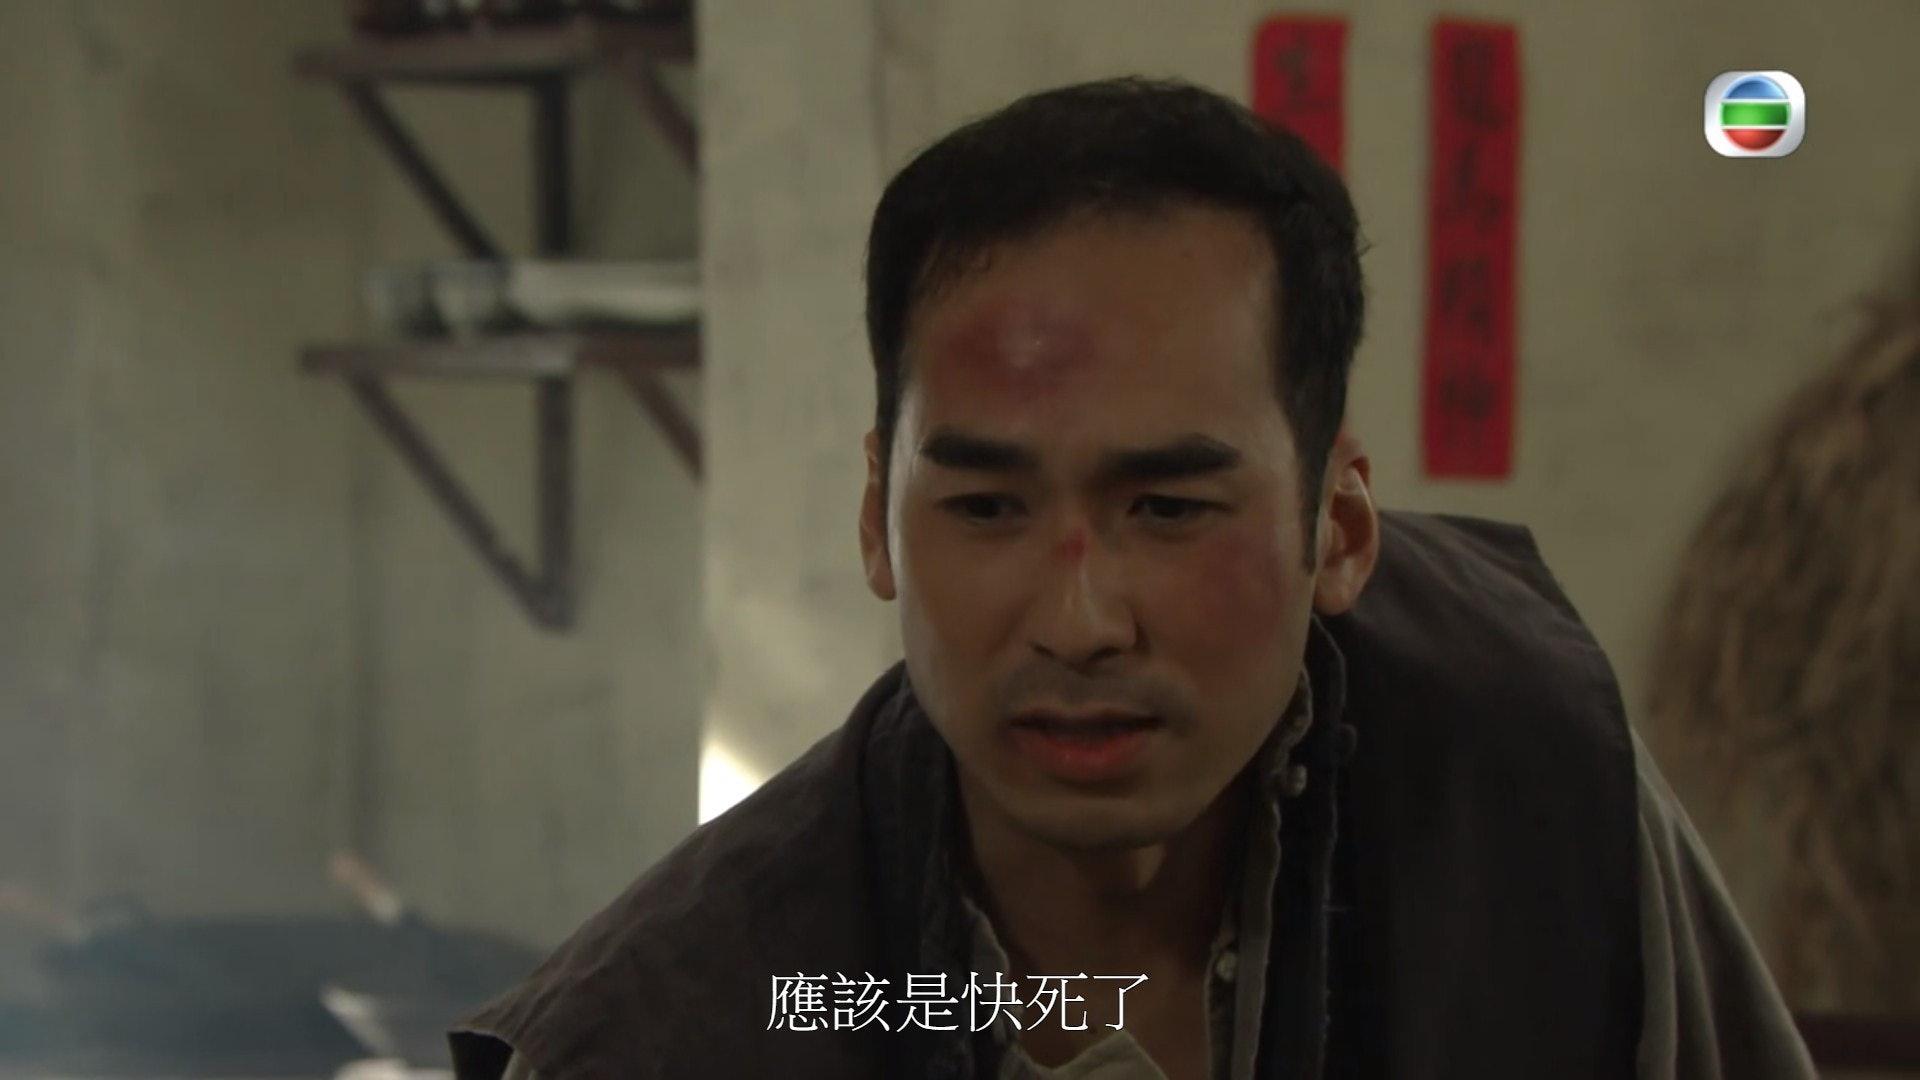 趙樂賢在劇中是阿Ben的好兄弟。(電視截圖)